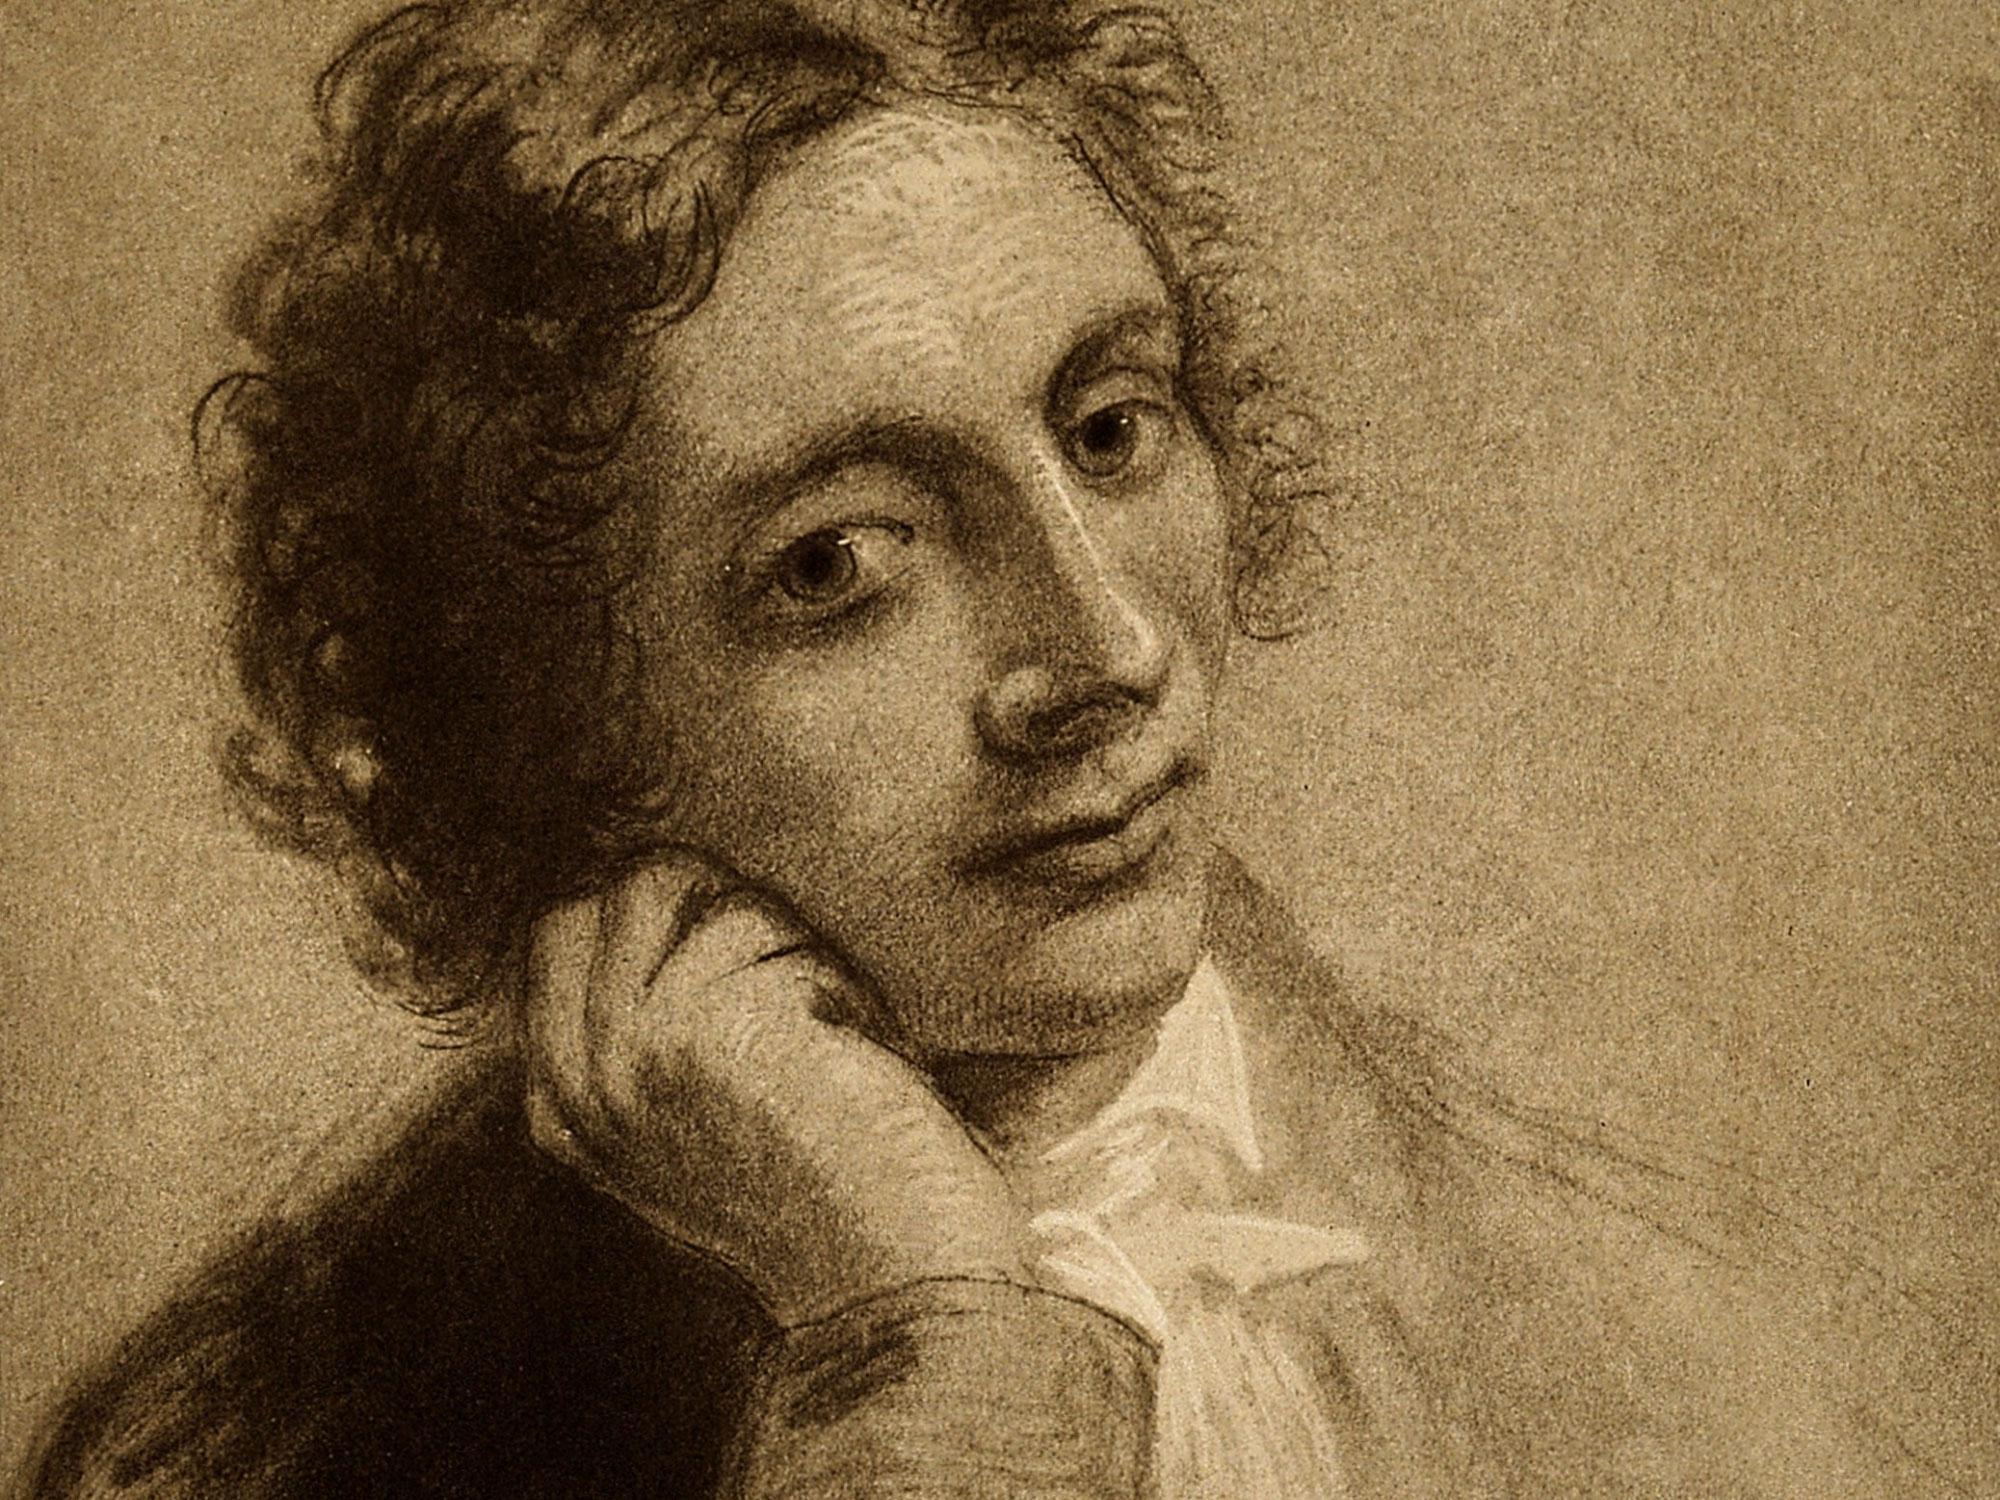 John Keats: the dark side of light